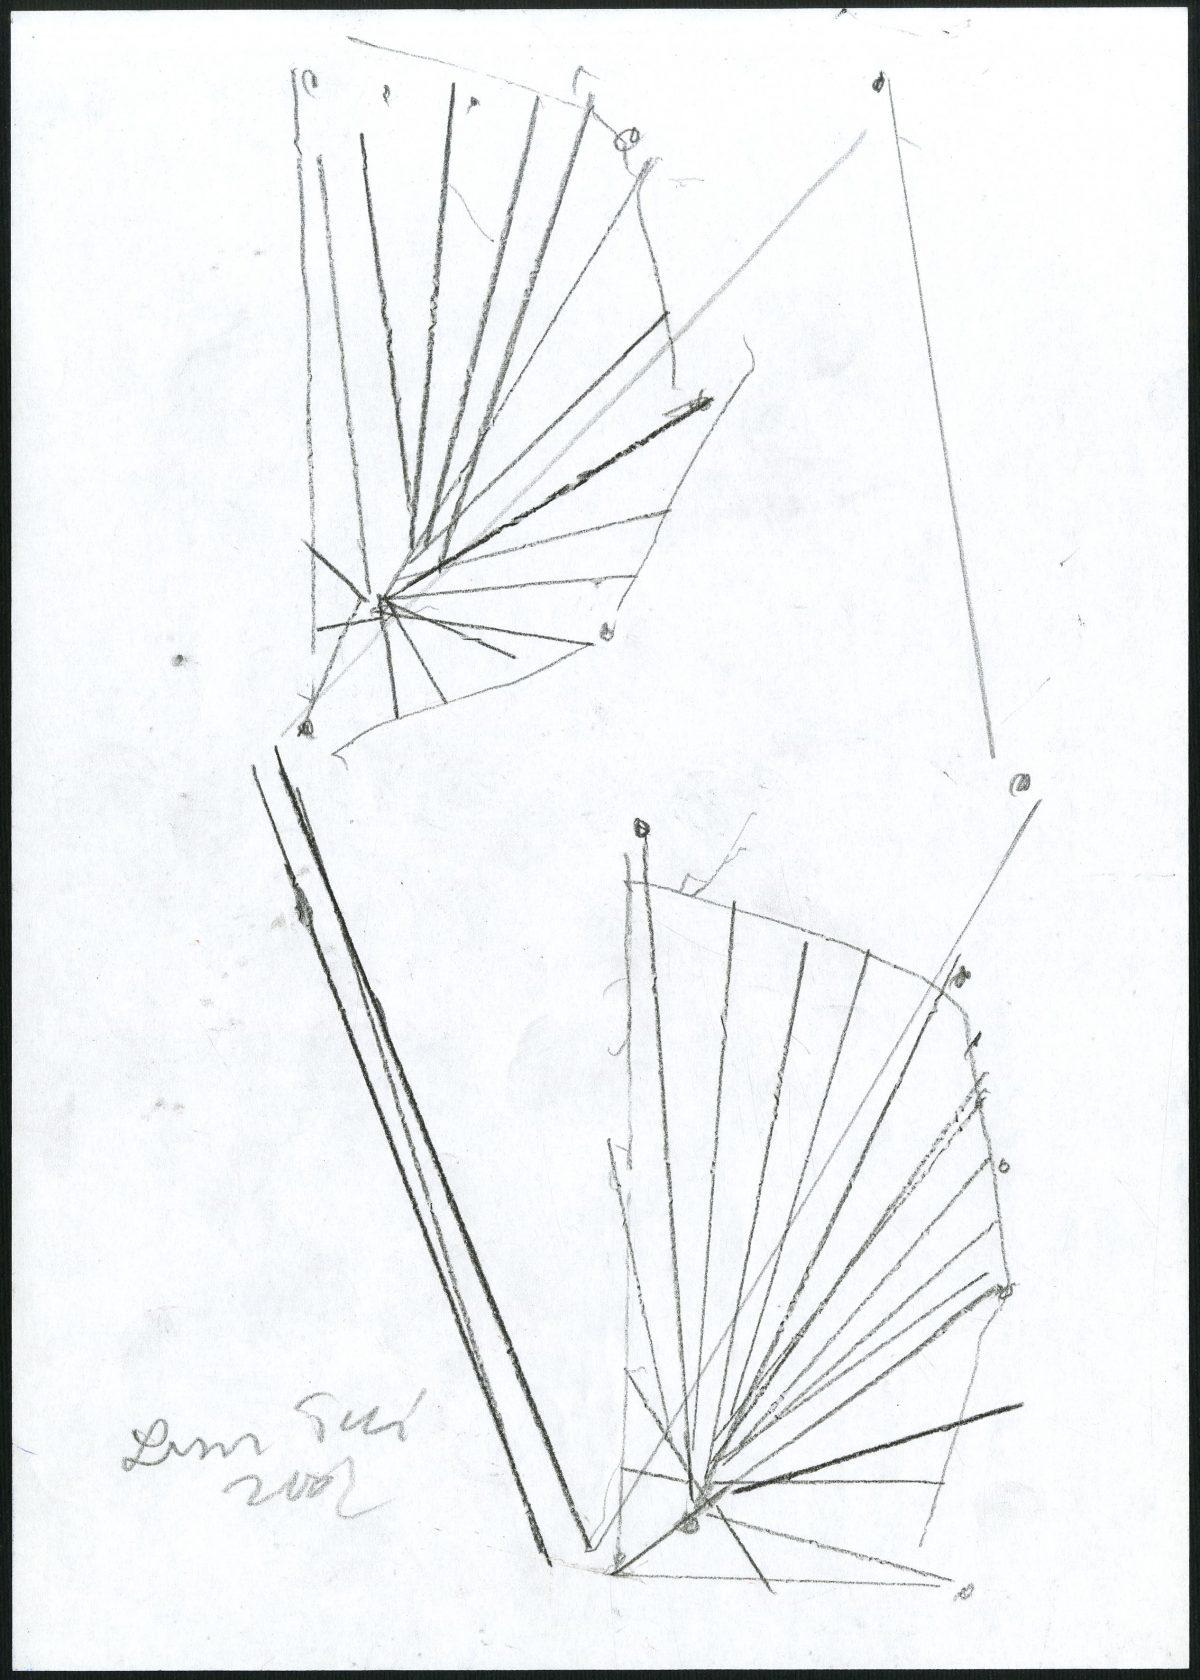 G24343(97)<br/> <b>Cím:</b> Egy csengetés visszhangja <br/> <b>Méret cm:</b> 29,8X21 <br/> <b>Készült:</b> 2007. <br/> <b>Technika:</b> ceruza<br/>